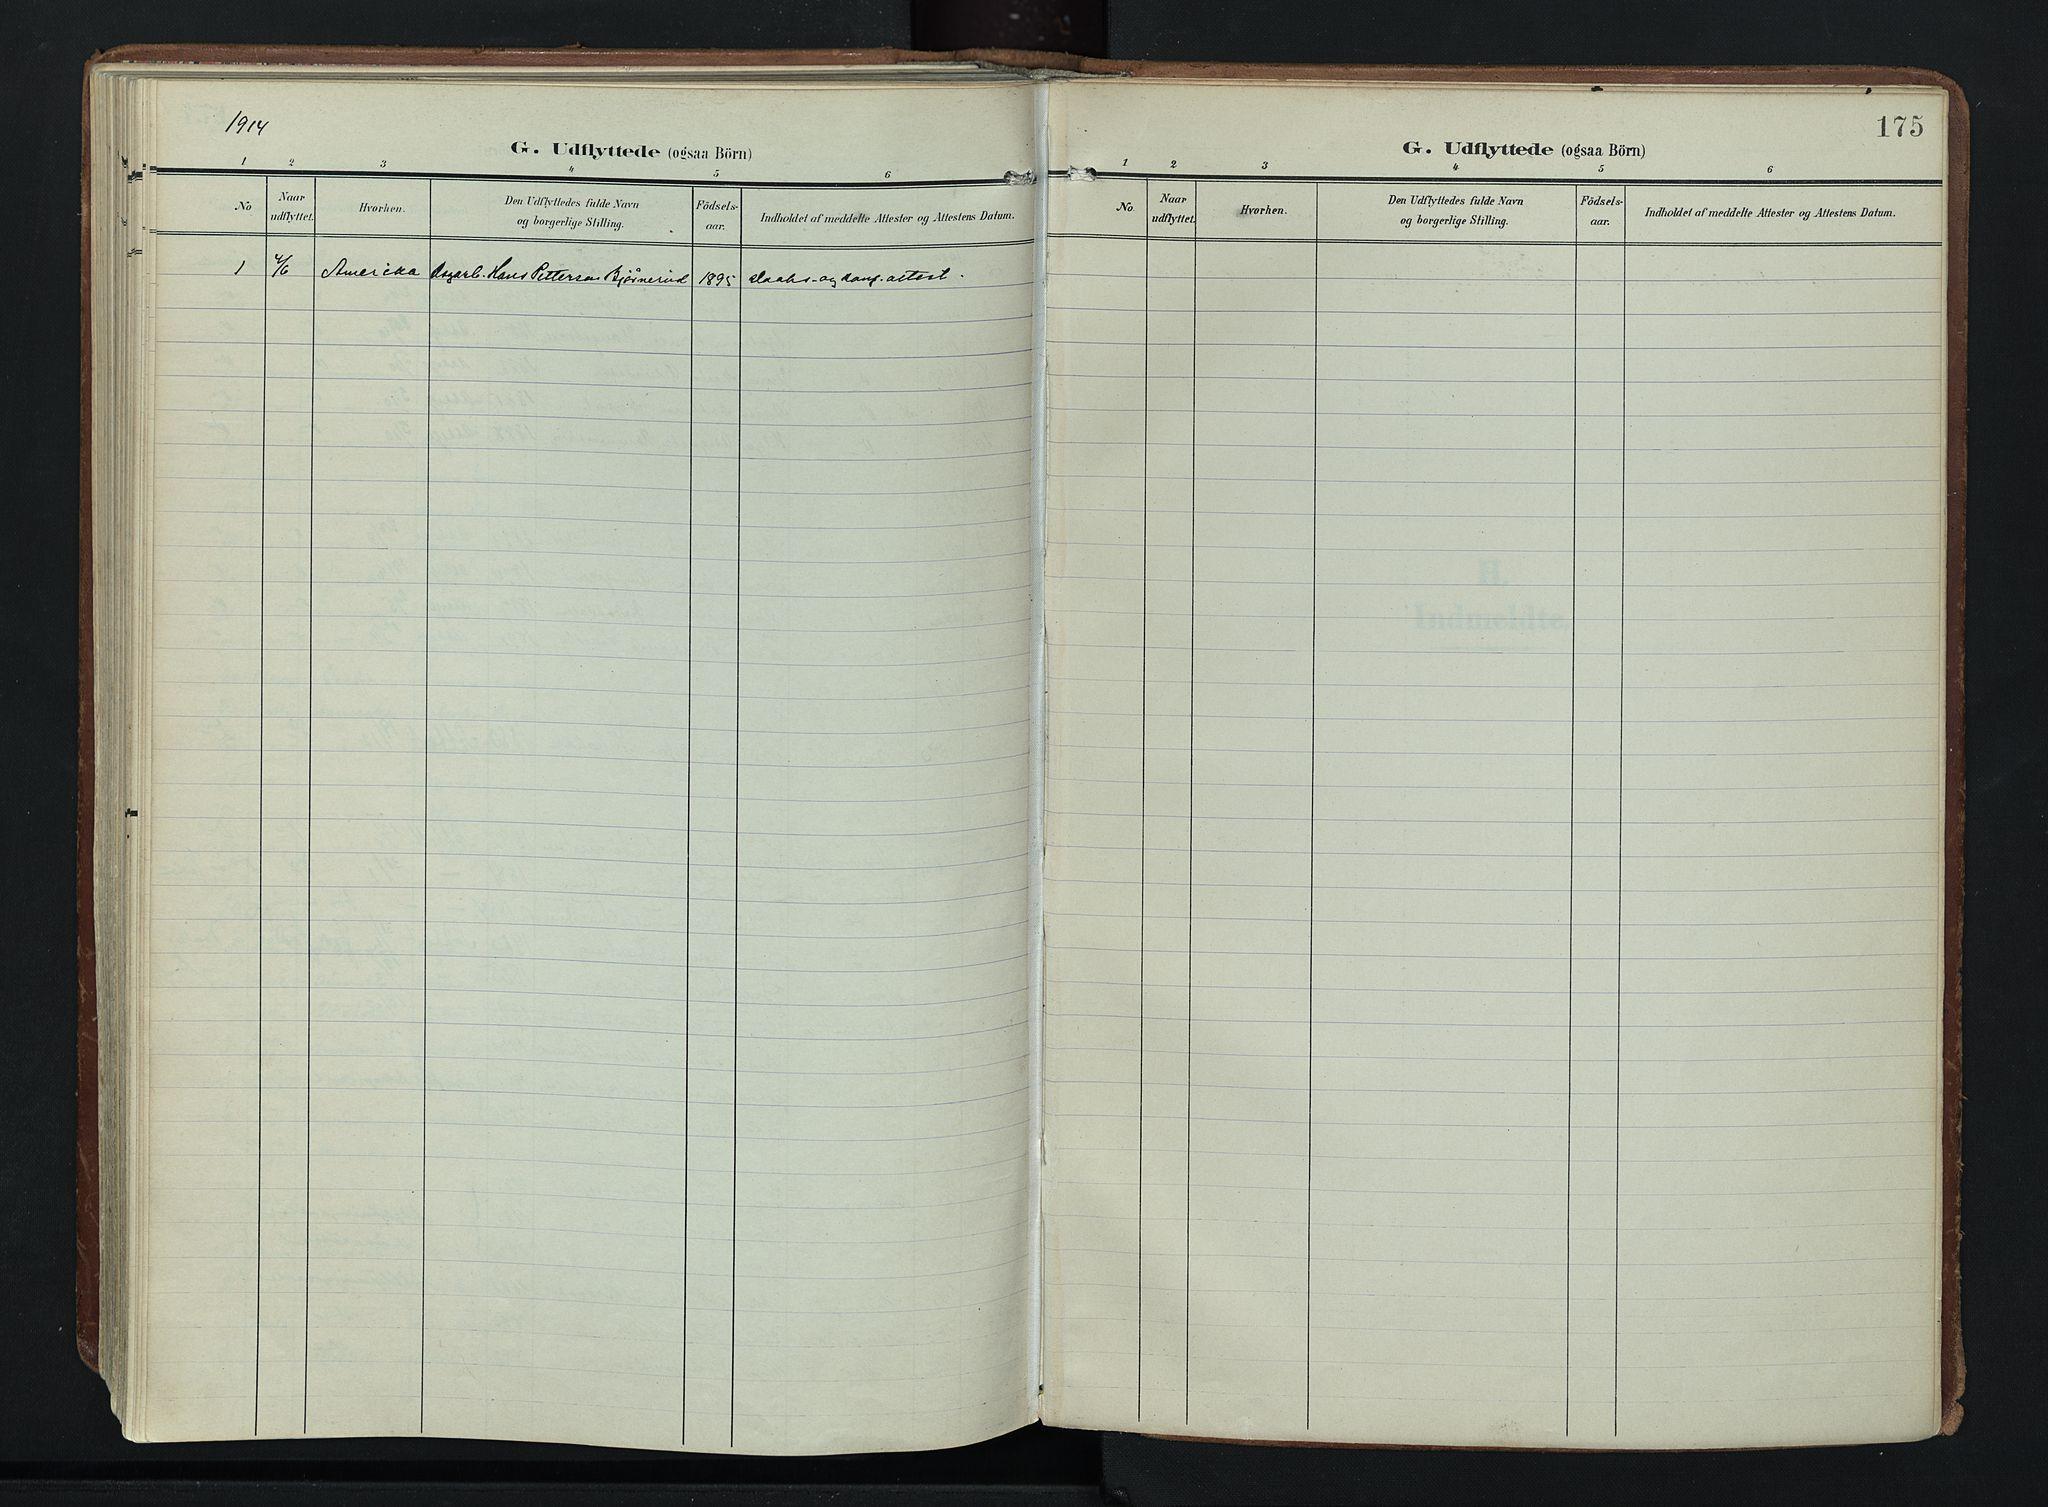 SAH, Søndre Land prestekontor, K/L0007: Ministerialbok nr. 7, 1905-1914, s. 175